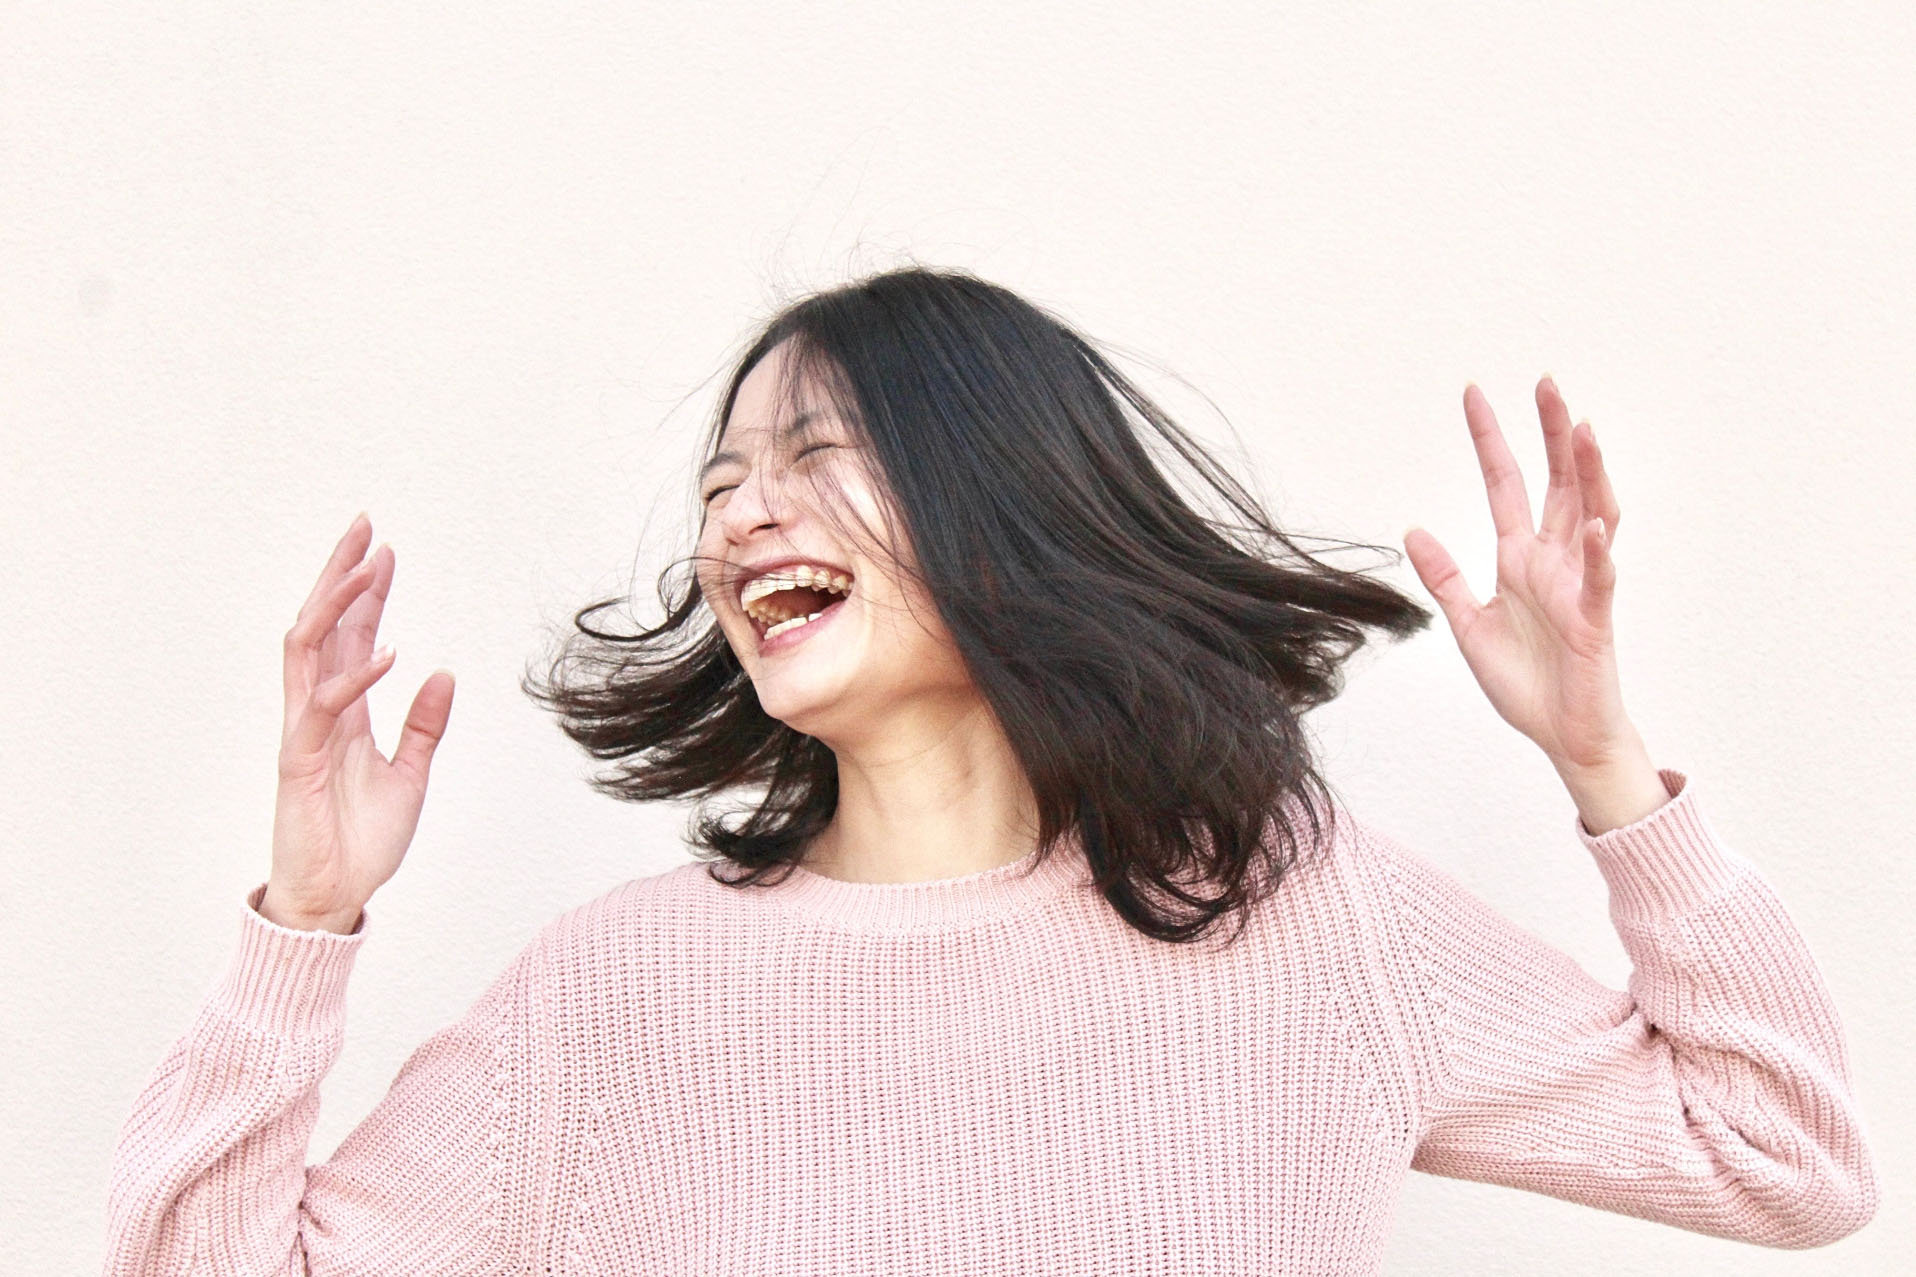 Détente par le rire